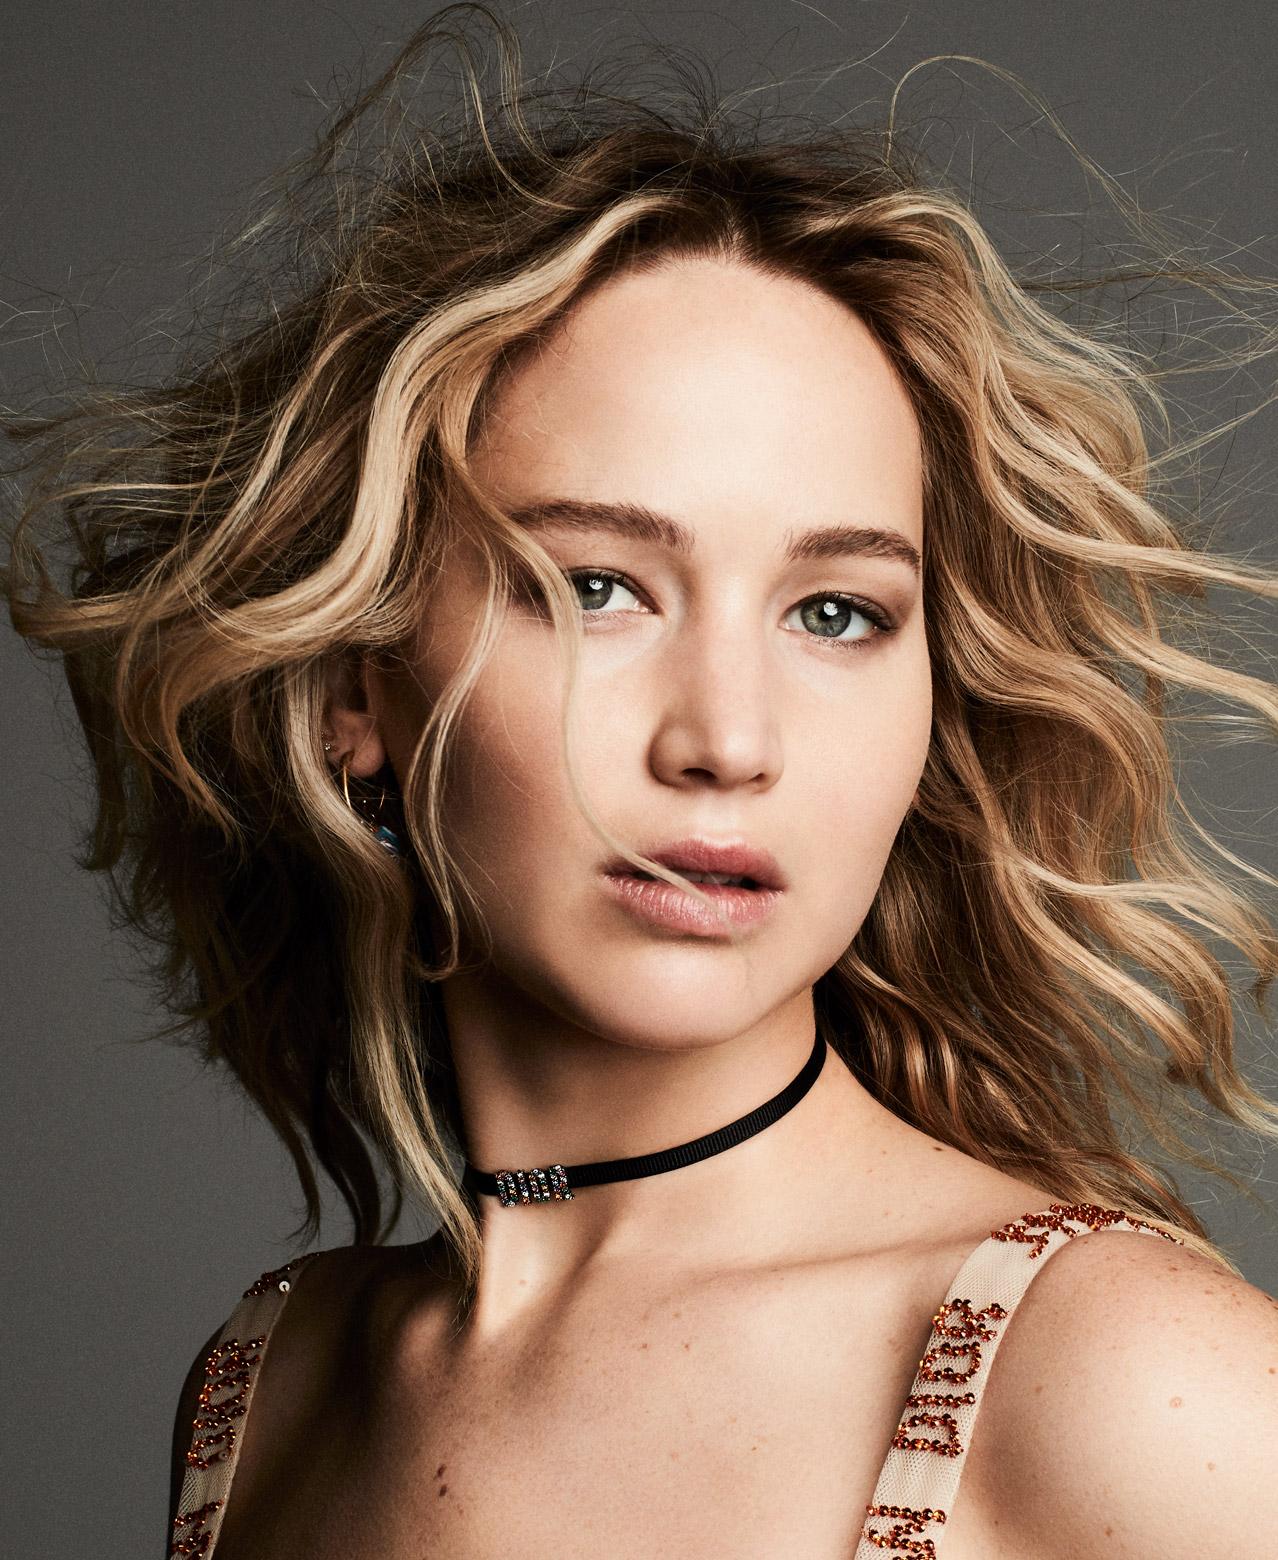 Дженнифер Лоуренс стала лицом нового парфюма Dior-Фото 1